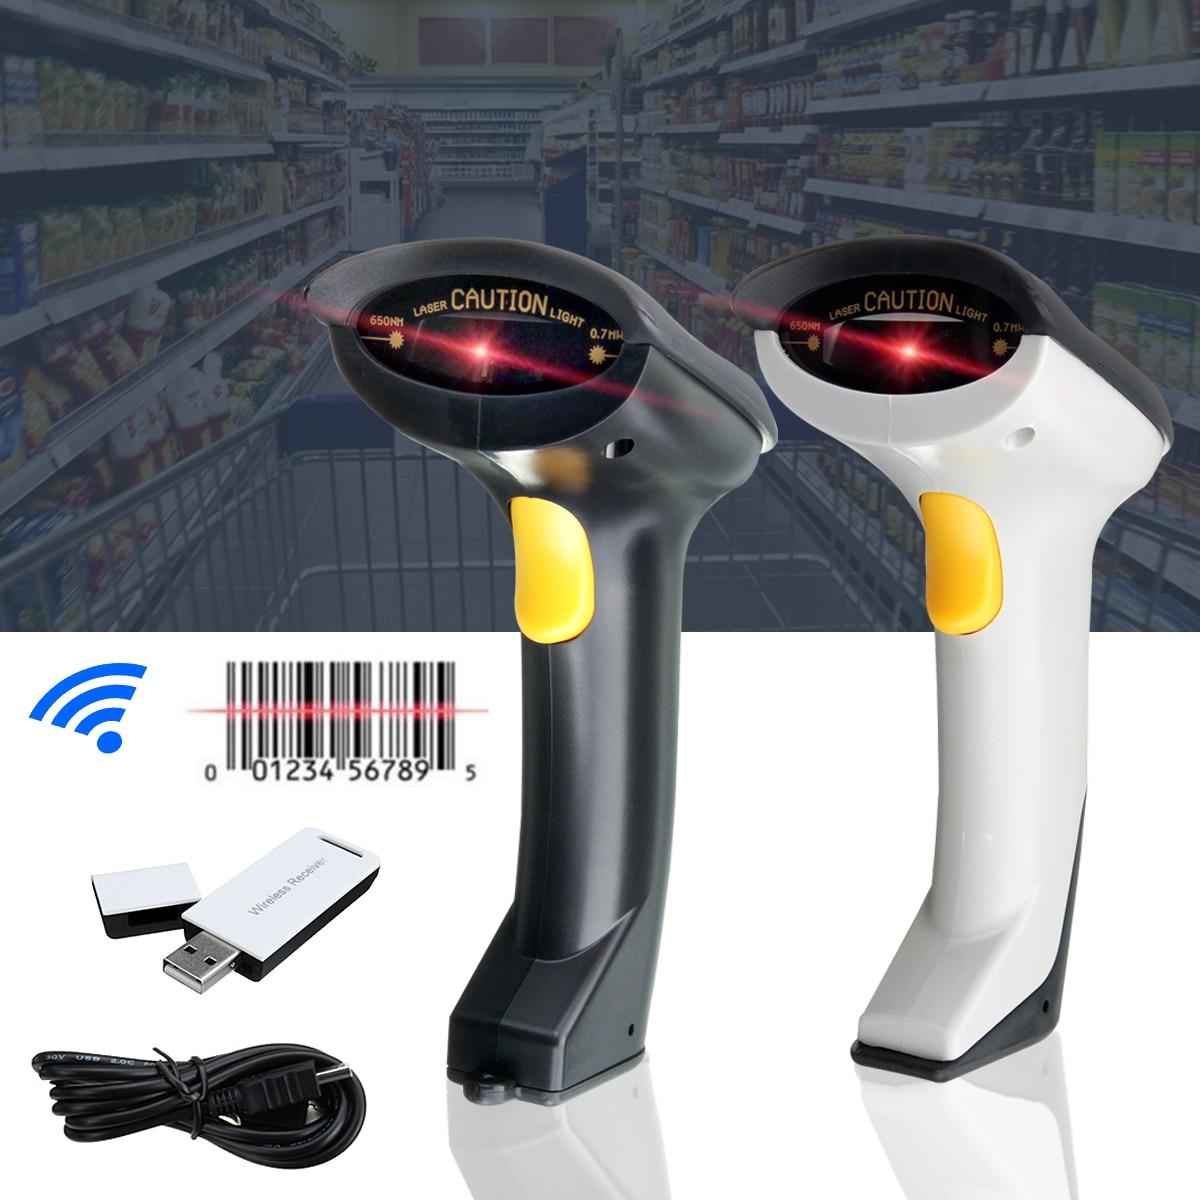 Портативный 2,4 ГГц Беспроводной сканера штриховых кодов ручной сканер USB Автоматический Лазерный сканирования штрих-кодов сканирования пи...